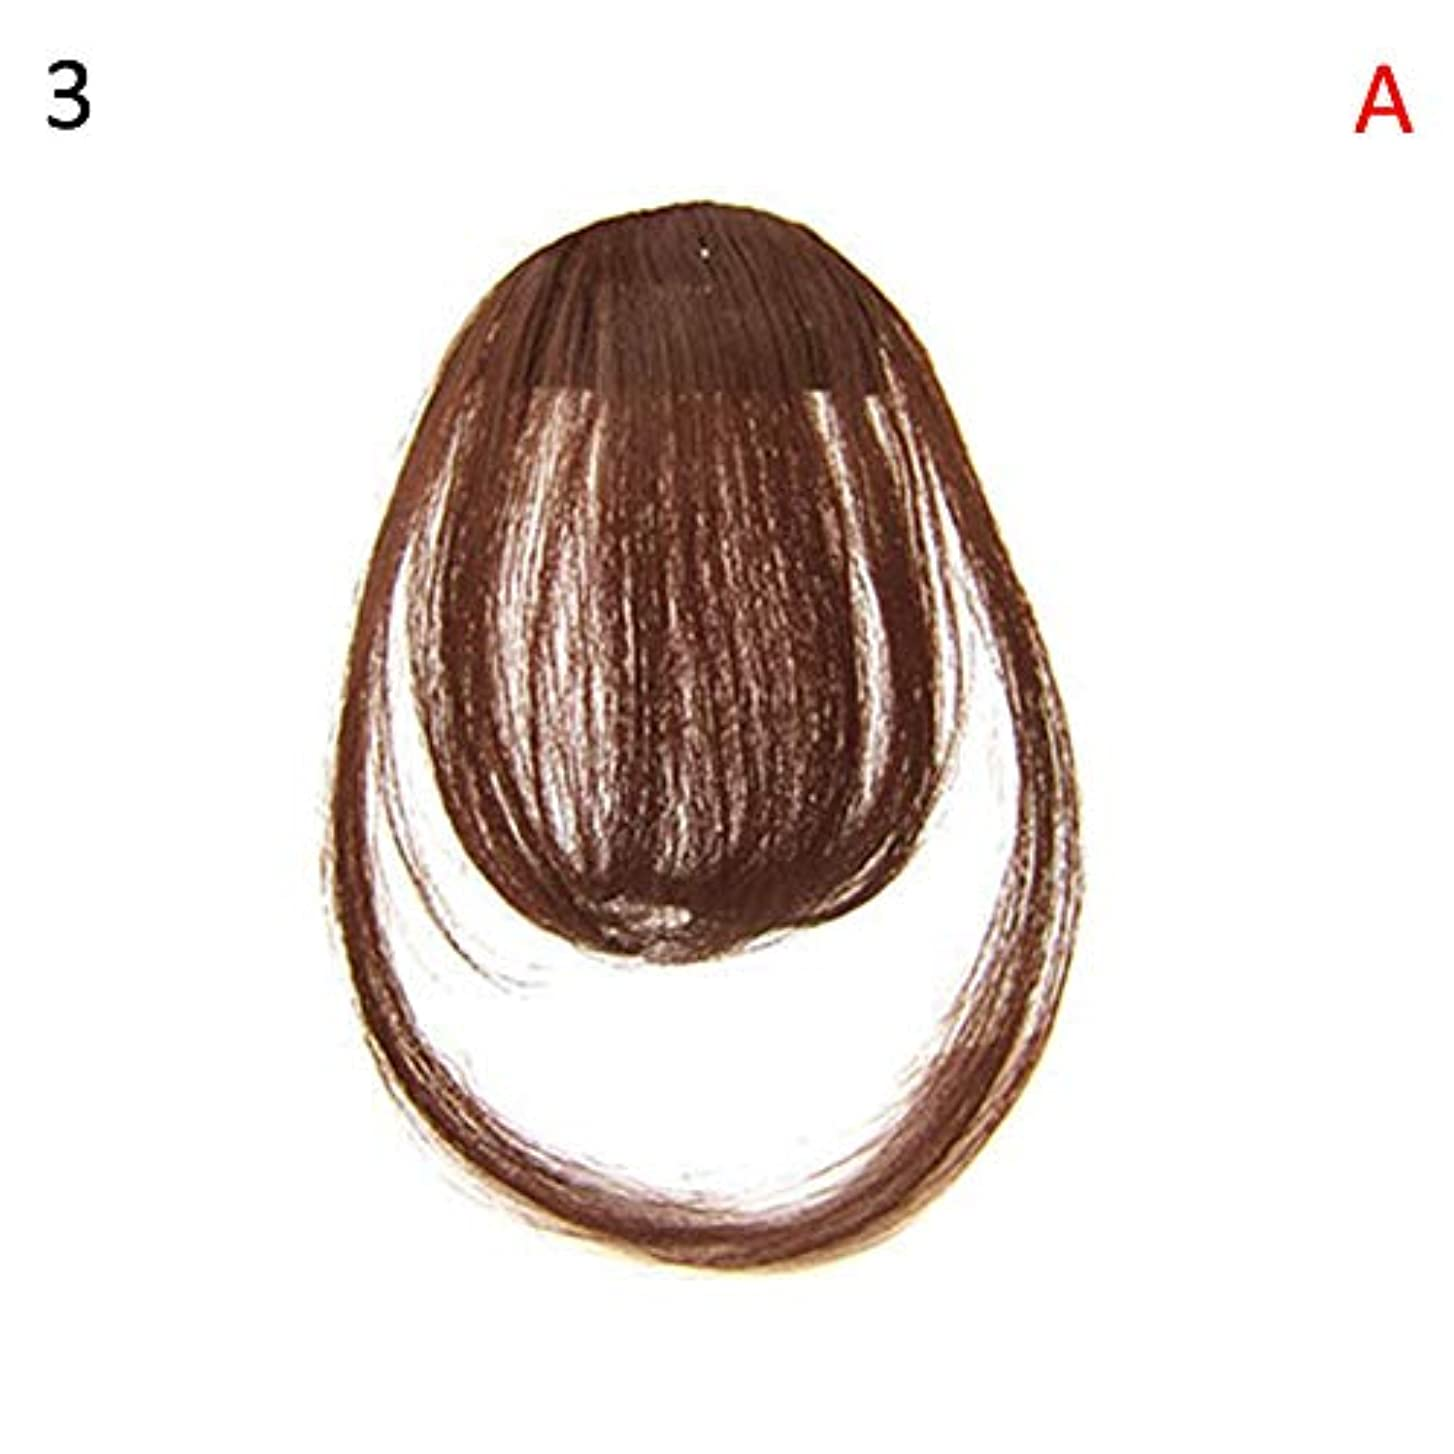 煙突キャスト医薬品slQinjiansav女性ウィッグ修理ツールファッションレディース薄いクリップオンエアバンフロントフリンジウィッグヘアエクステンションヘアピース